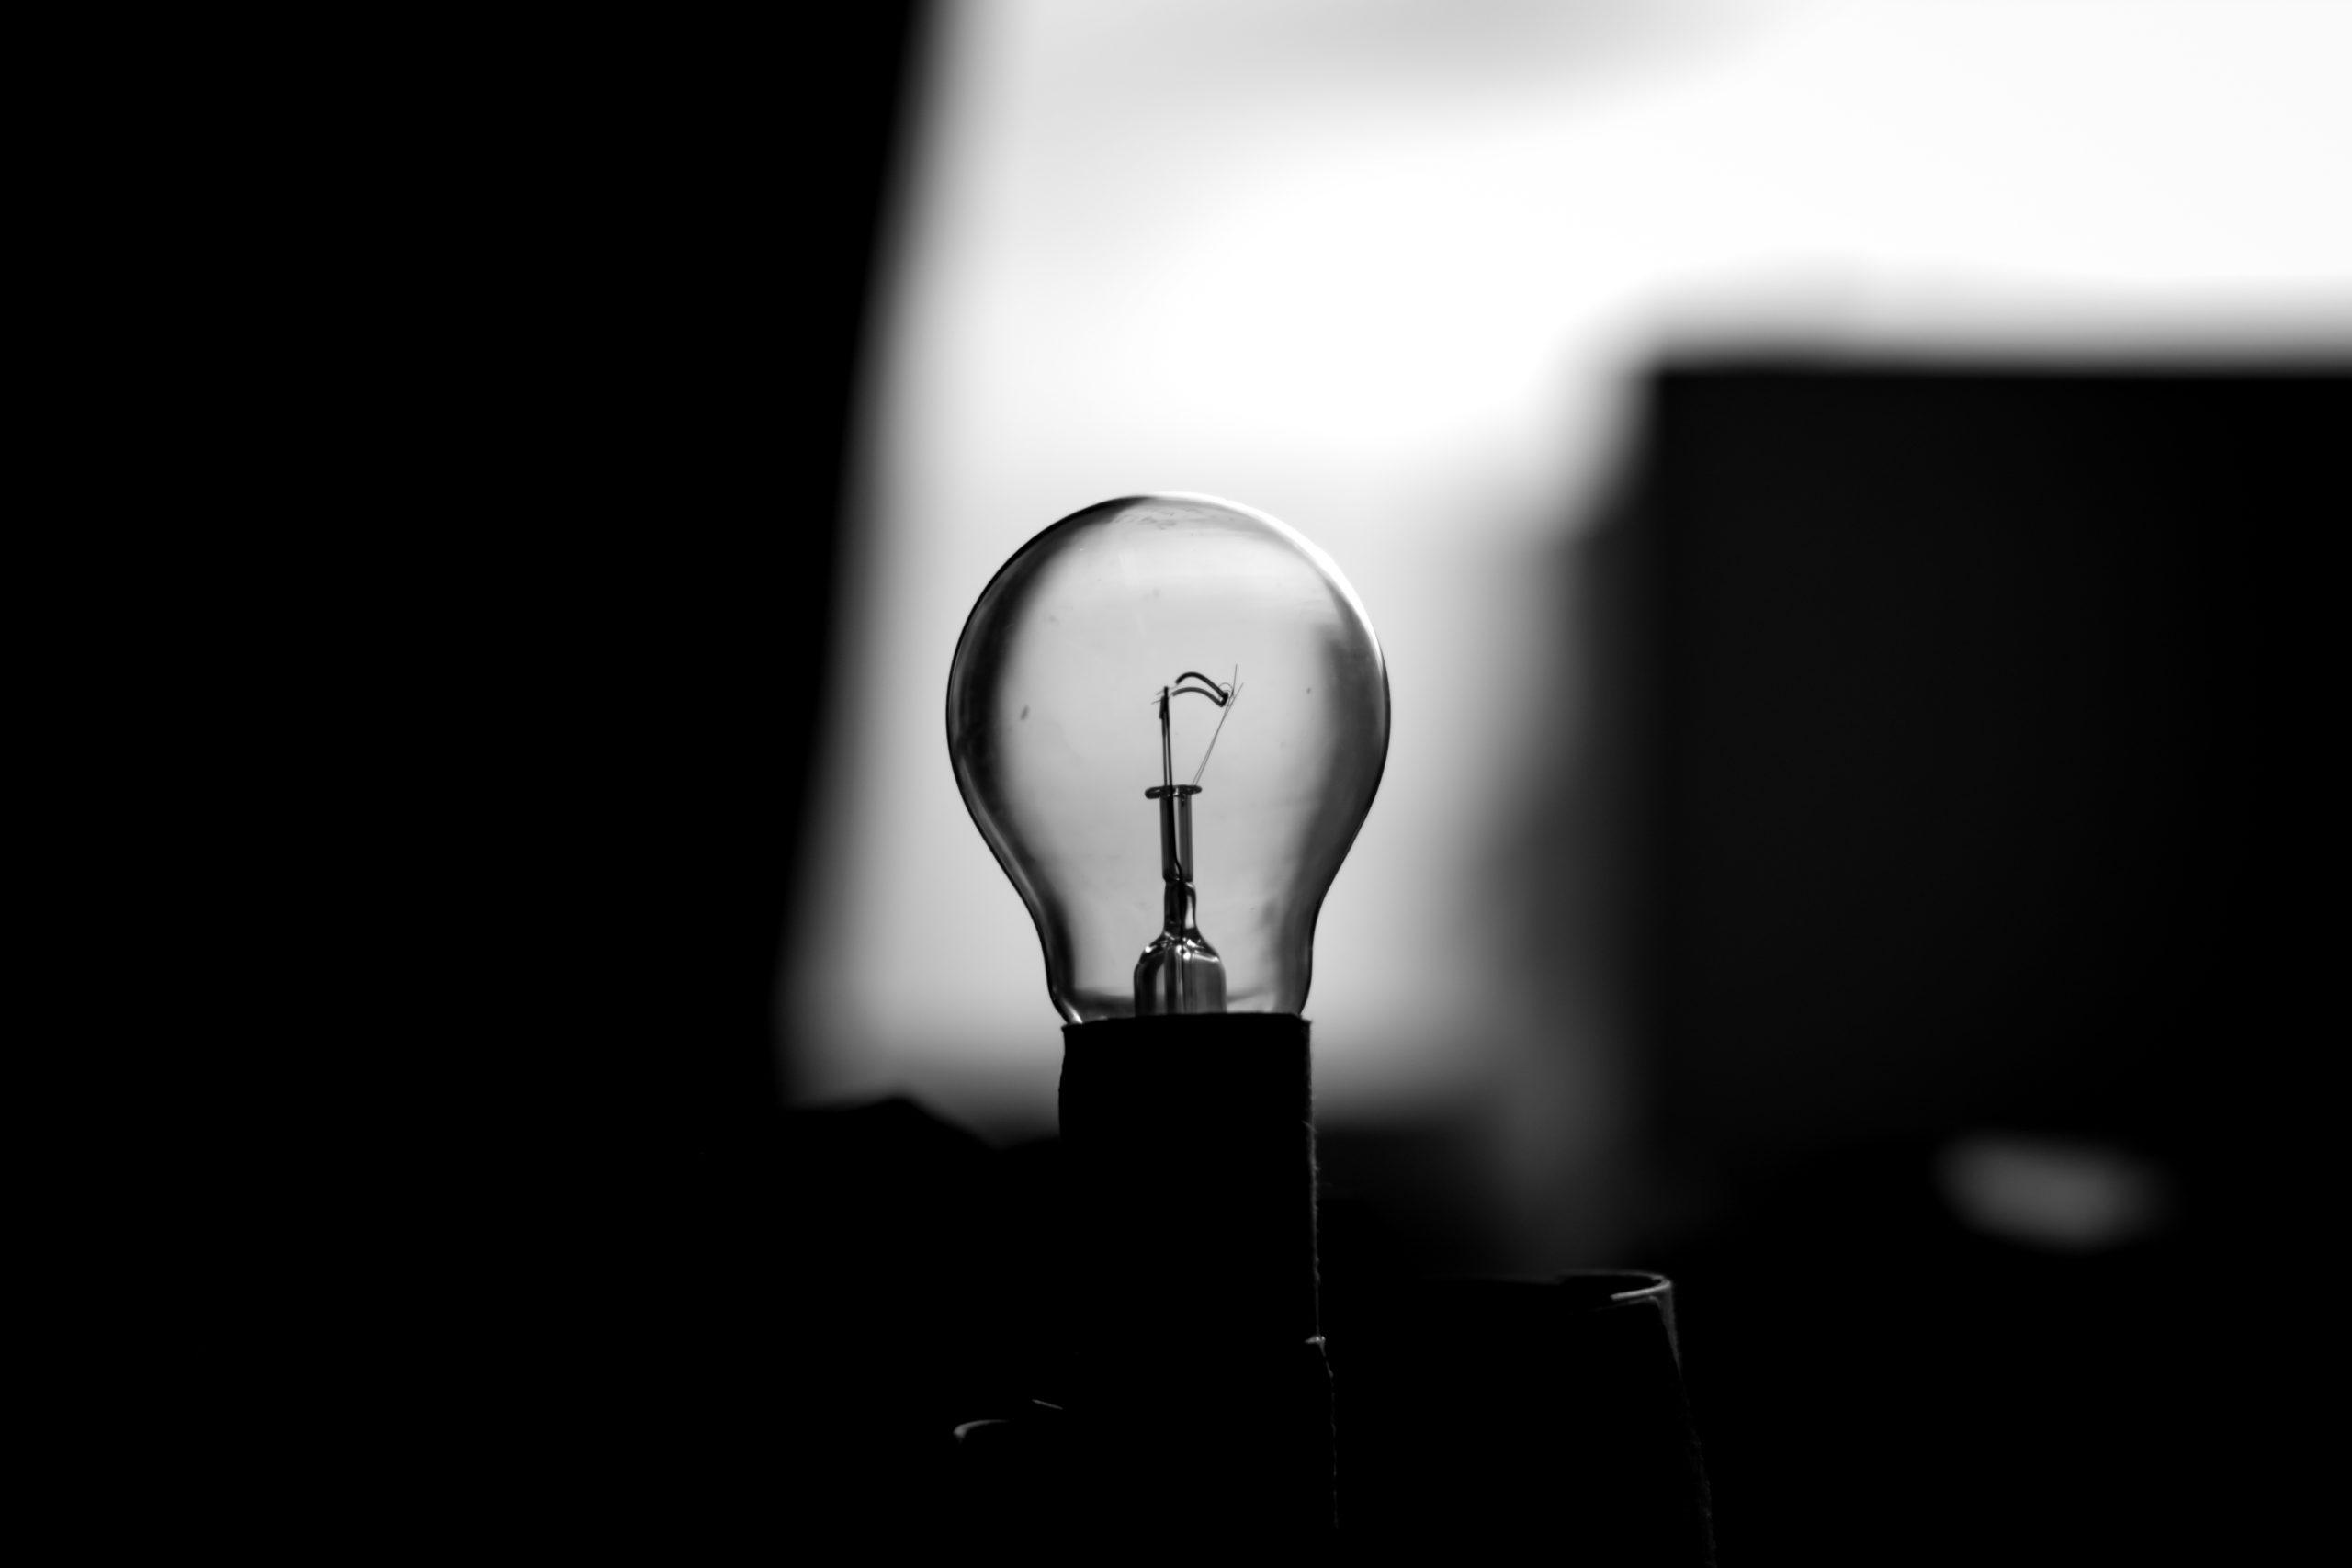 lightbulb not lit